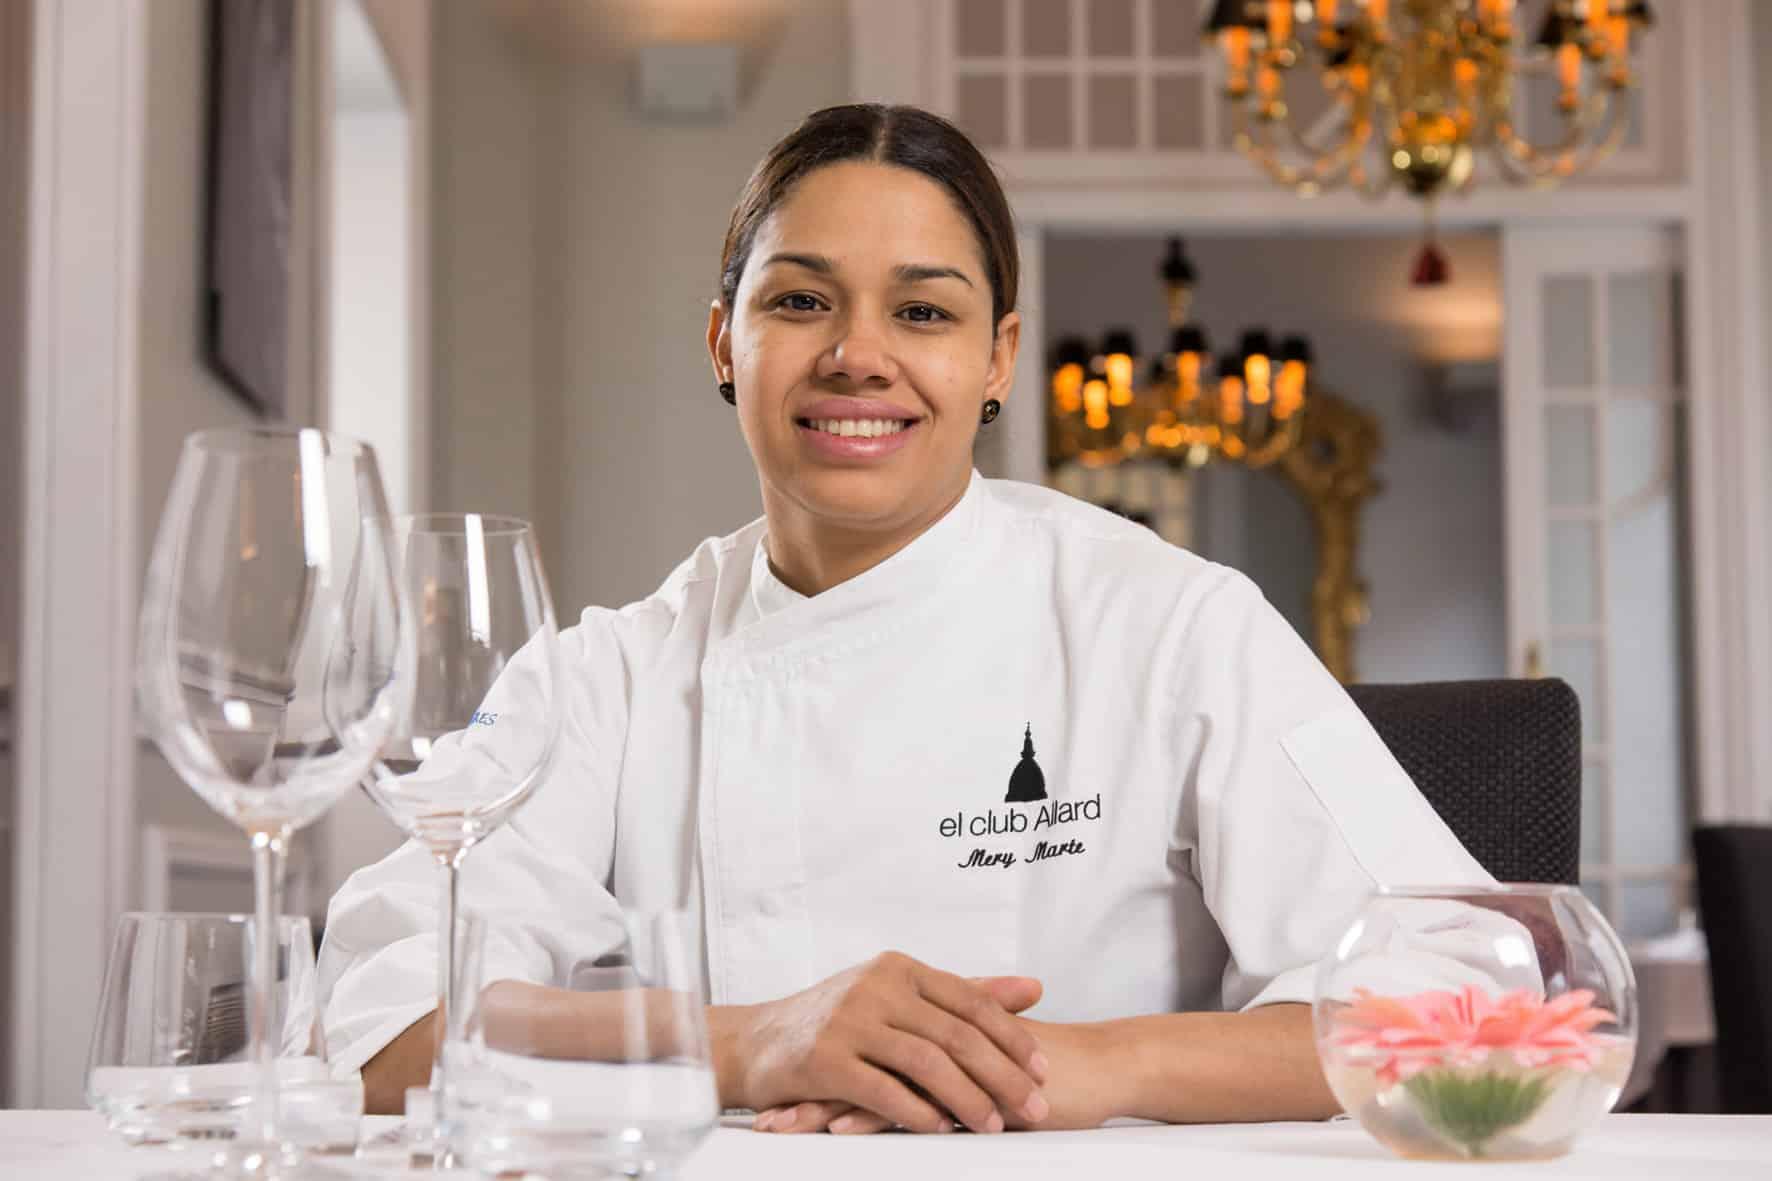 María Marte, Premio Nacional de Gastronomía al Mejor Jefe de Cocina